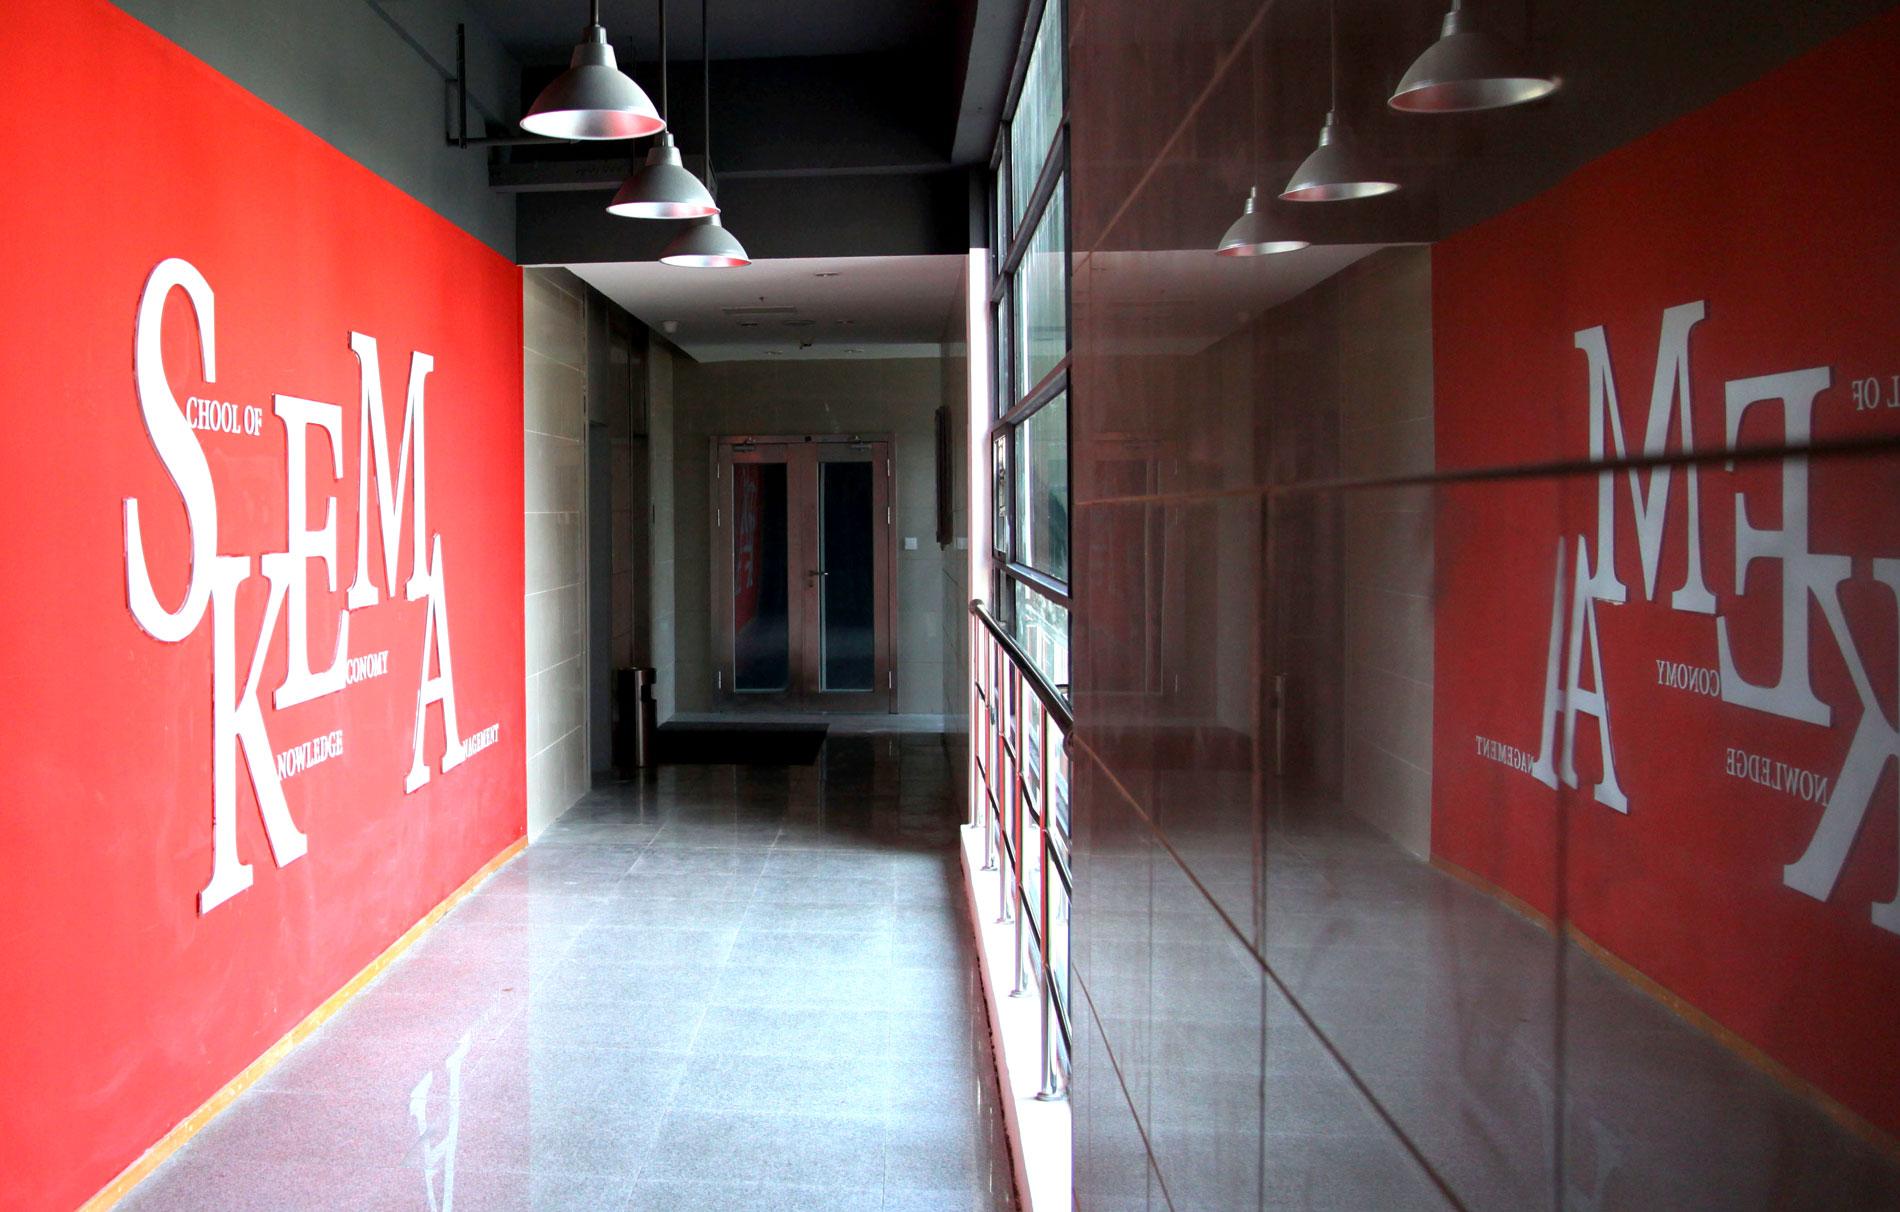 YANG Huihui 杨卉卉 <span>Skema Business School China</span>